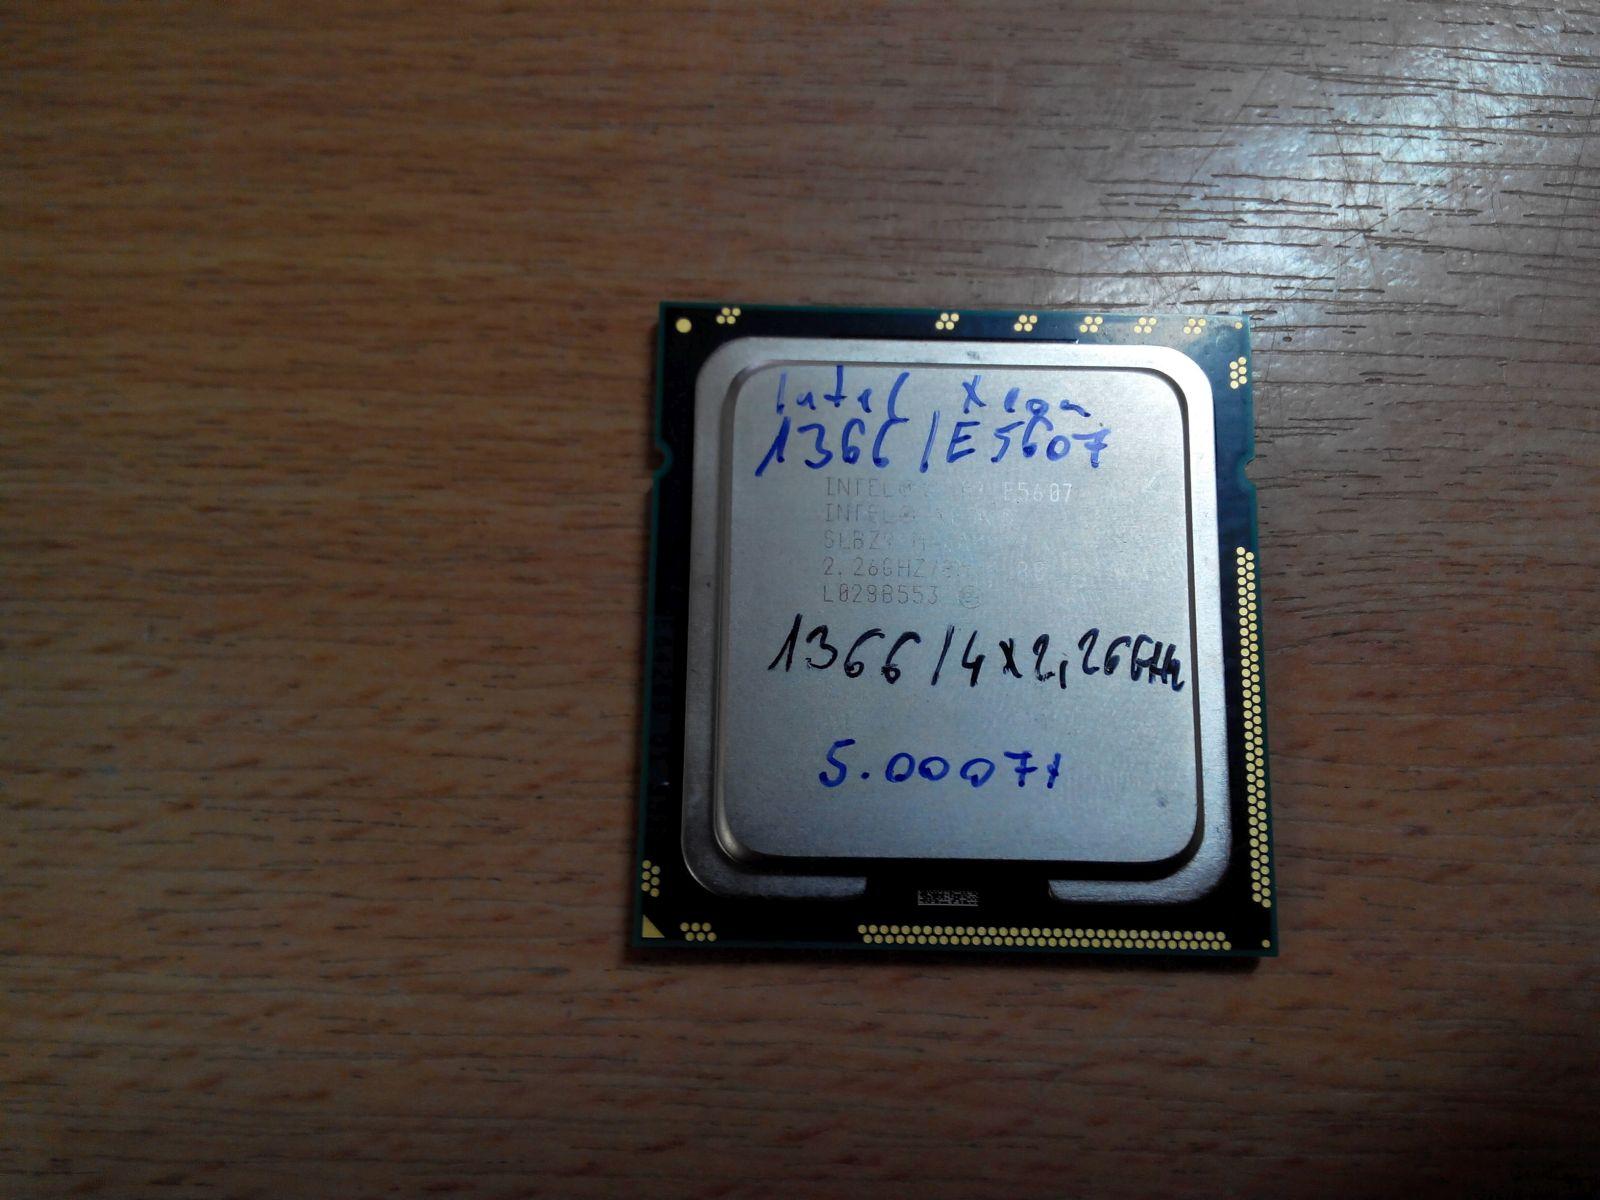 Intel Xeon Quad-Core E5607 2.26GHz LGA1366 Processzor használt 1 hó gar!